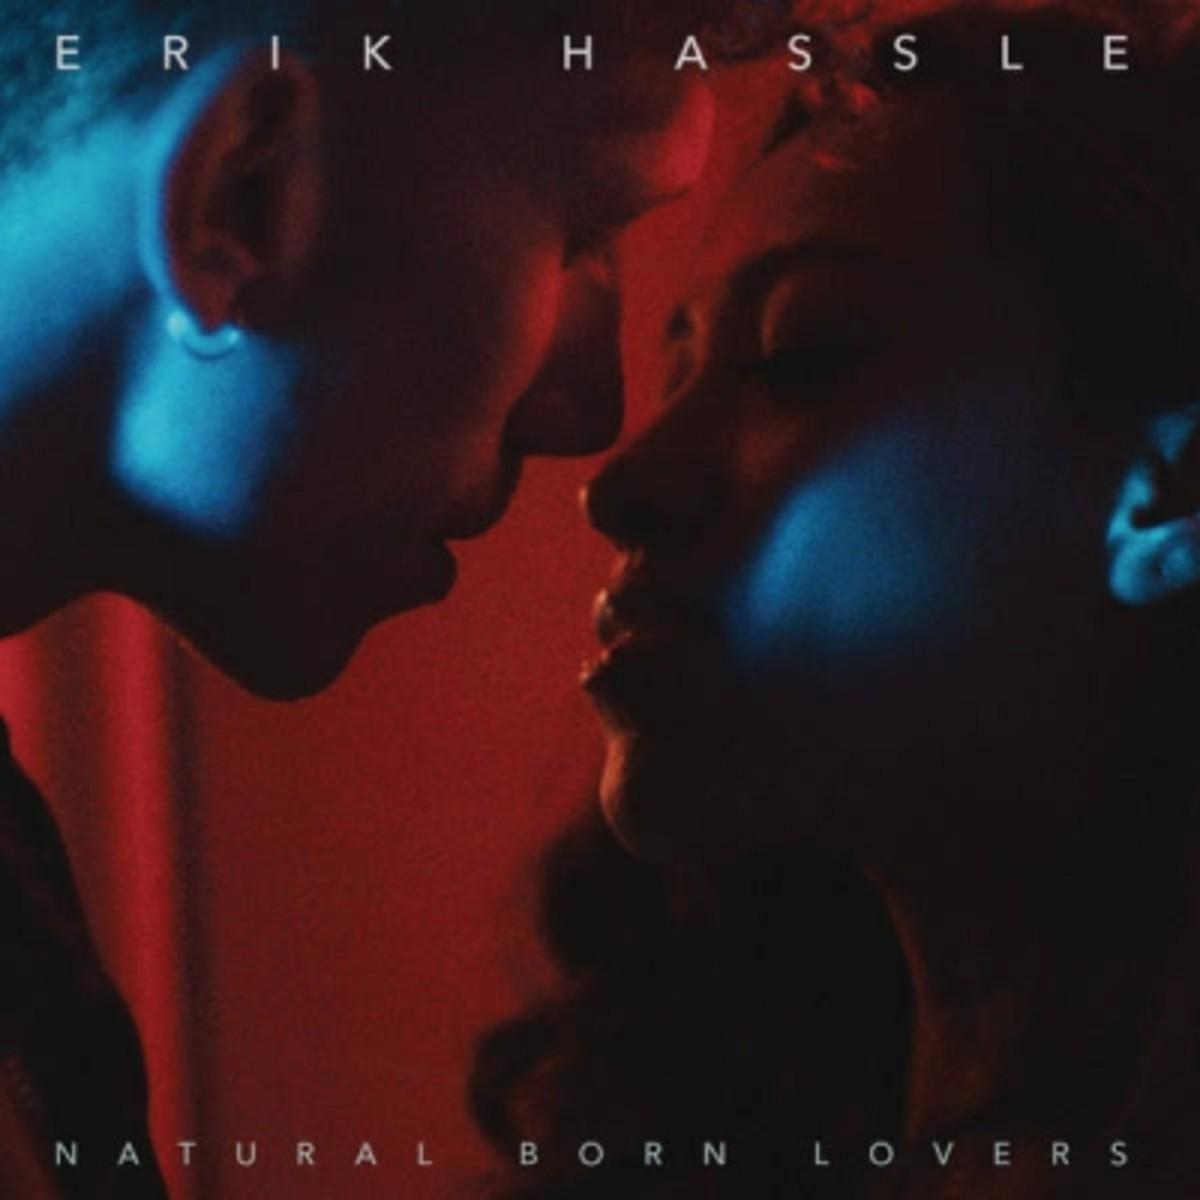 erik-hassle-natural-born-lovers.jpg